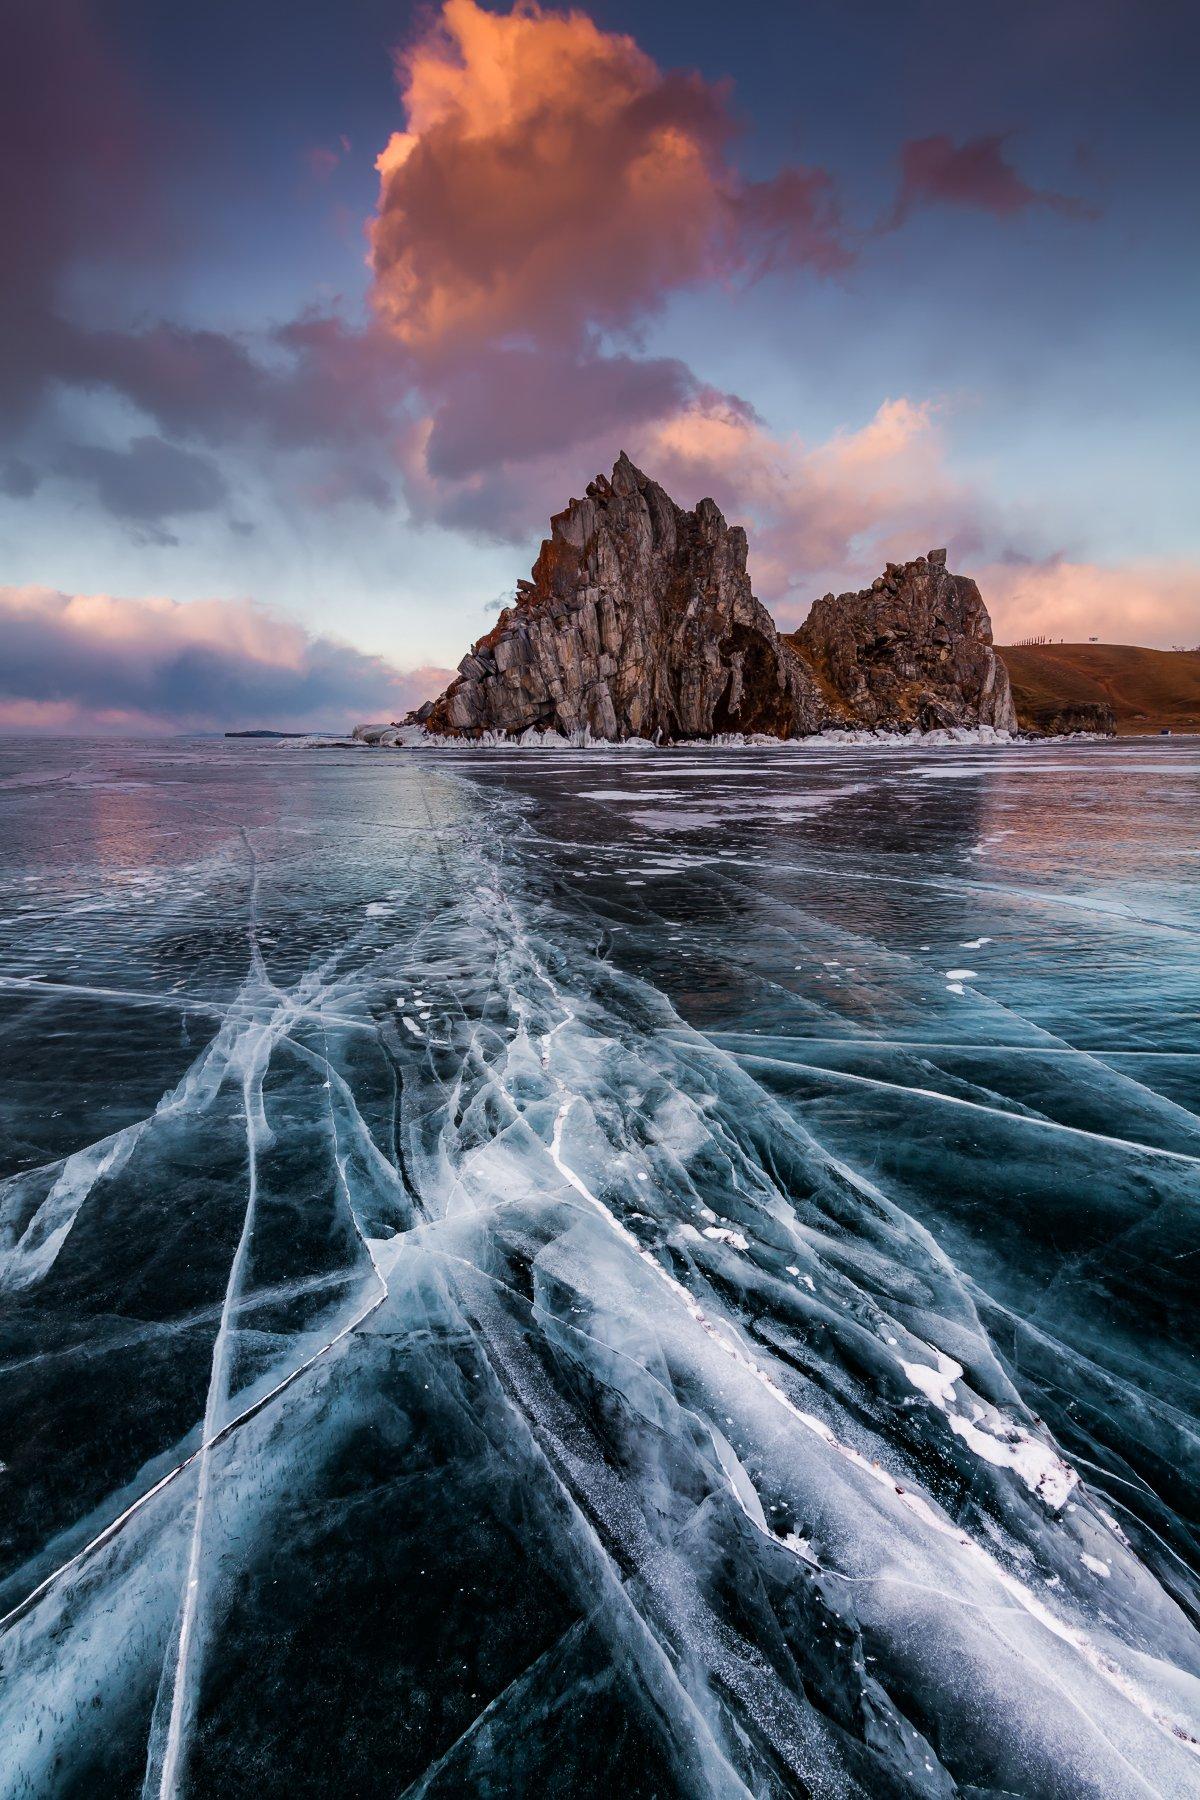 байкал,озеро,зима, лед, закат, Антон Петрусь